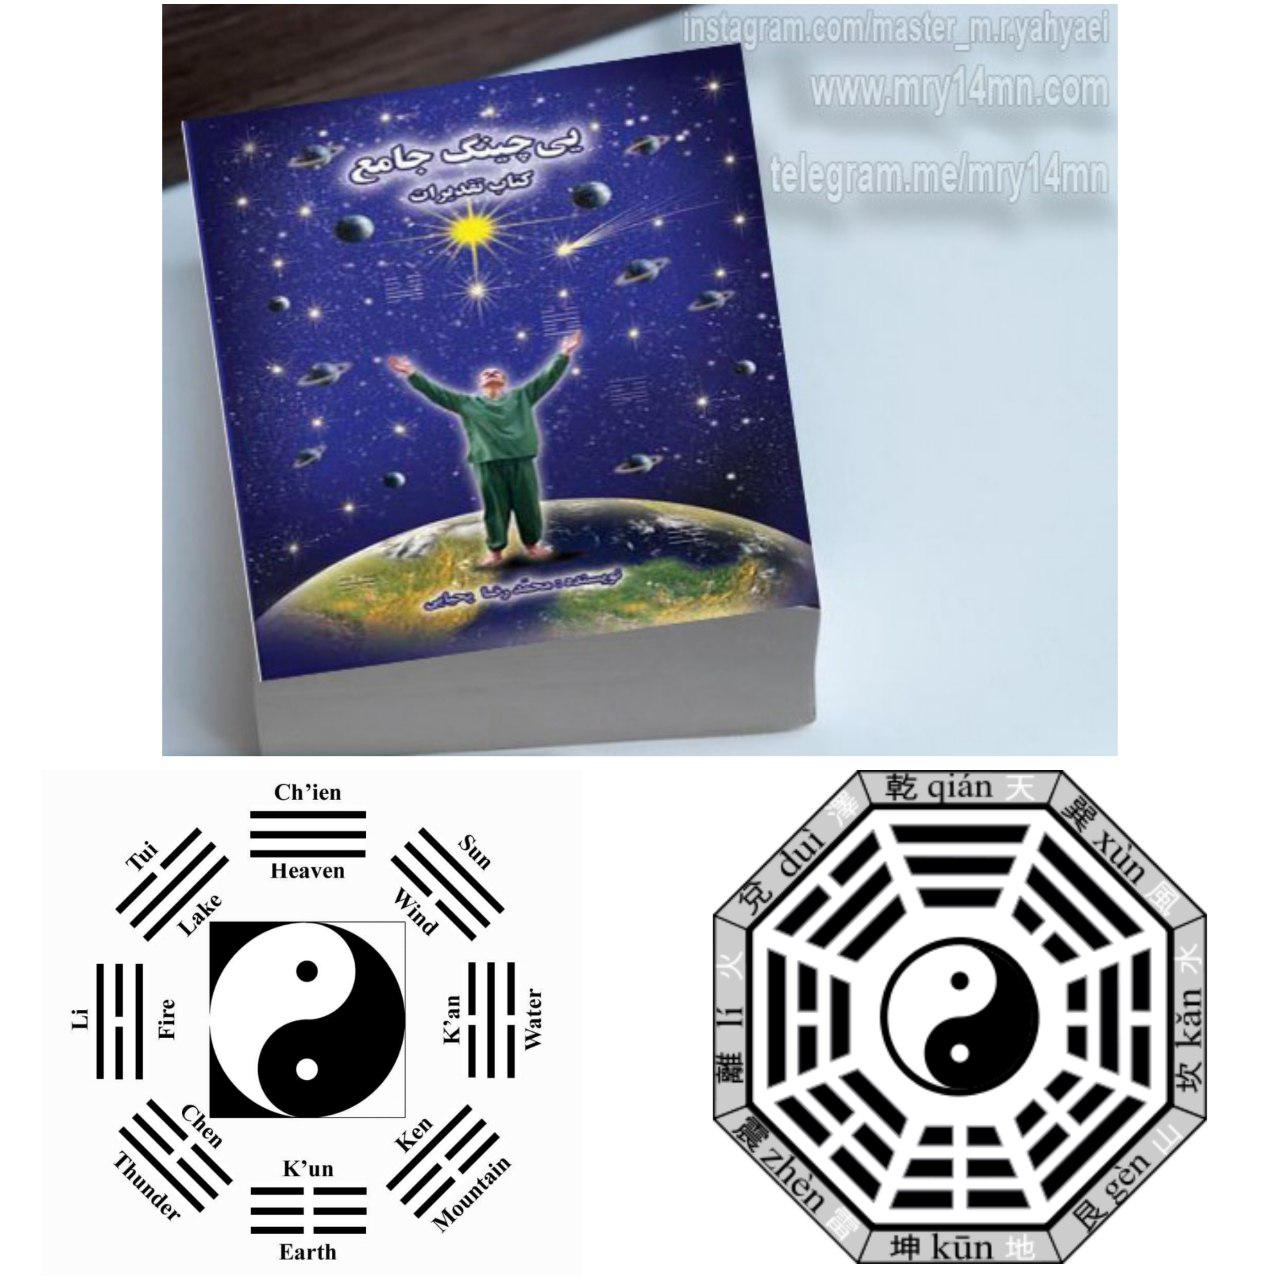 هنر رزمی تایچی براساس یی چینگ پایهگذاری شده